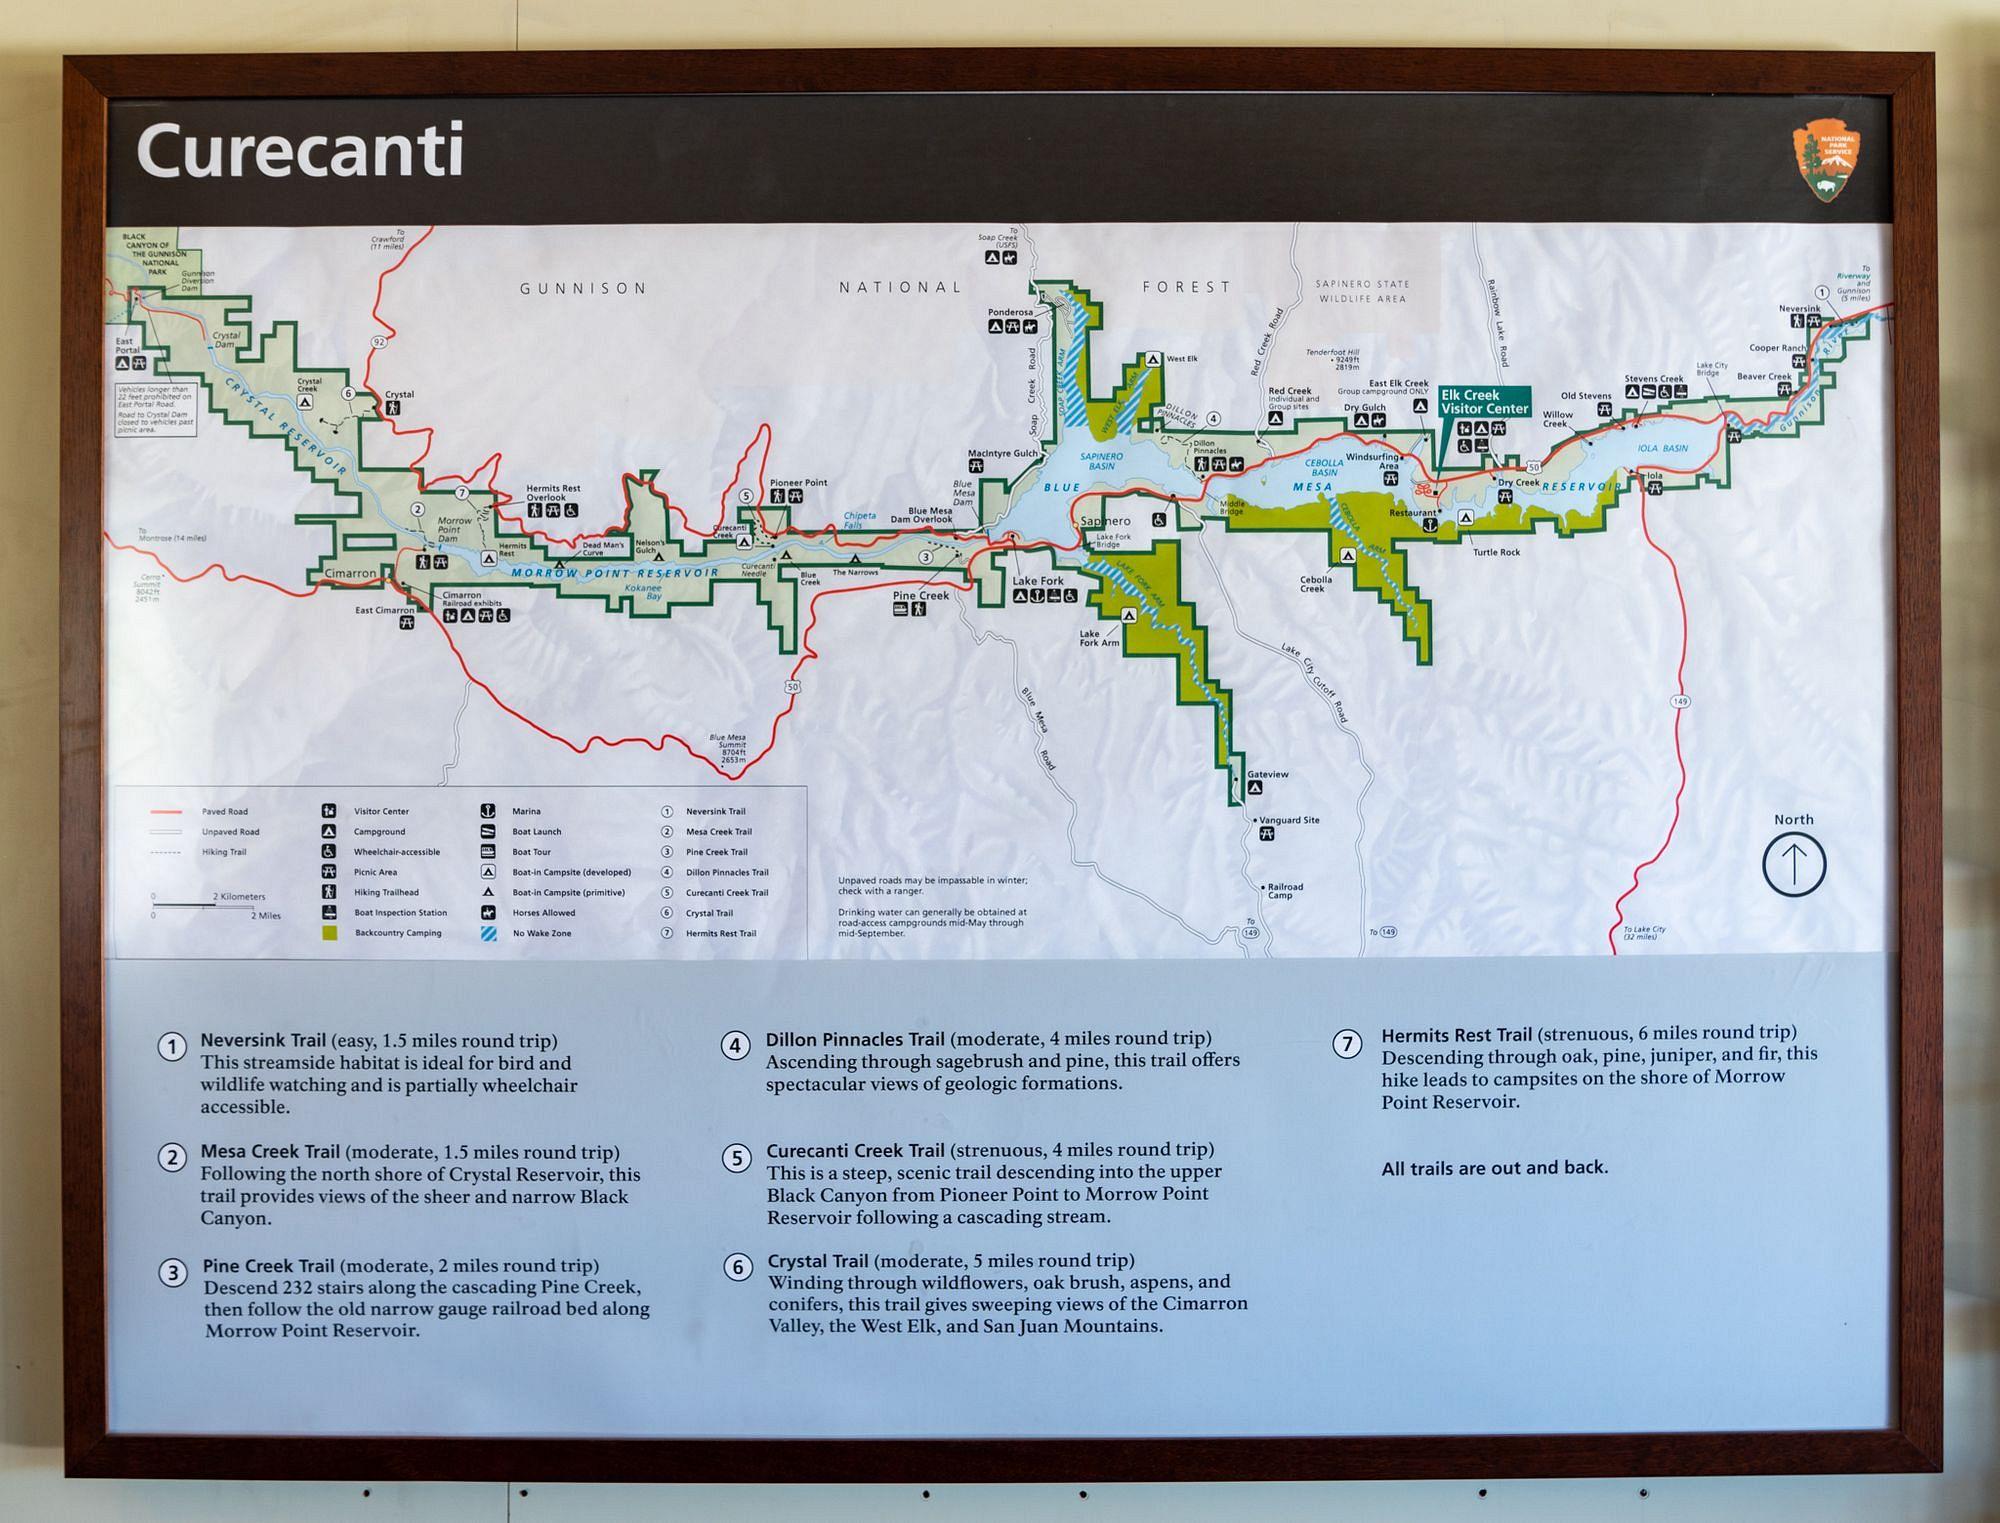 Curecanti Map